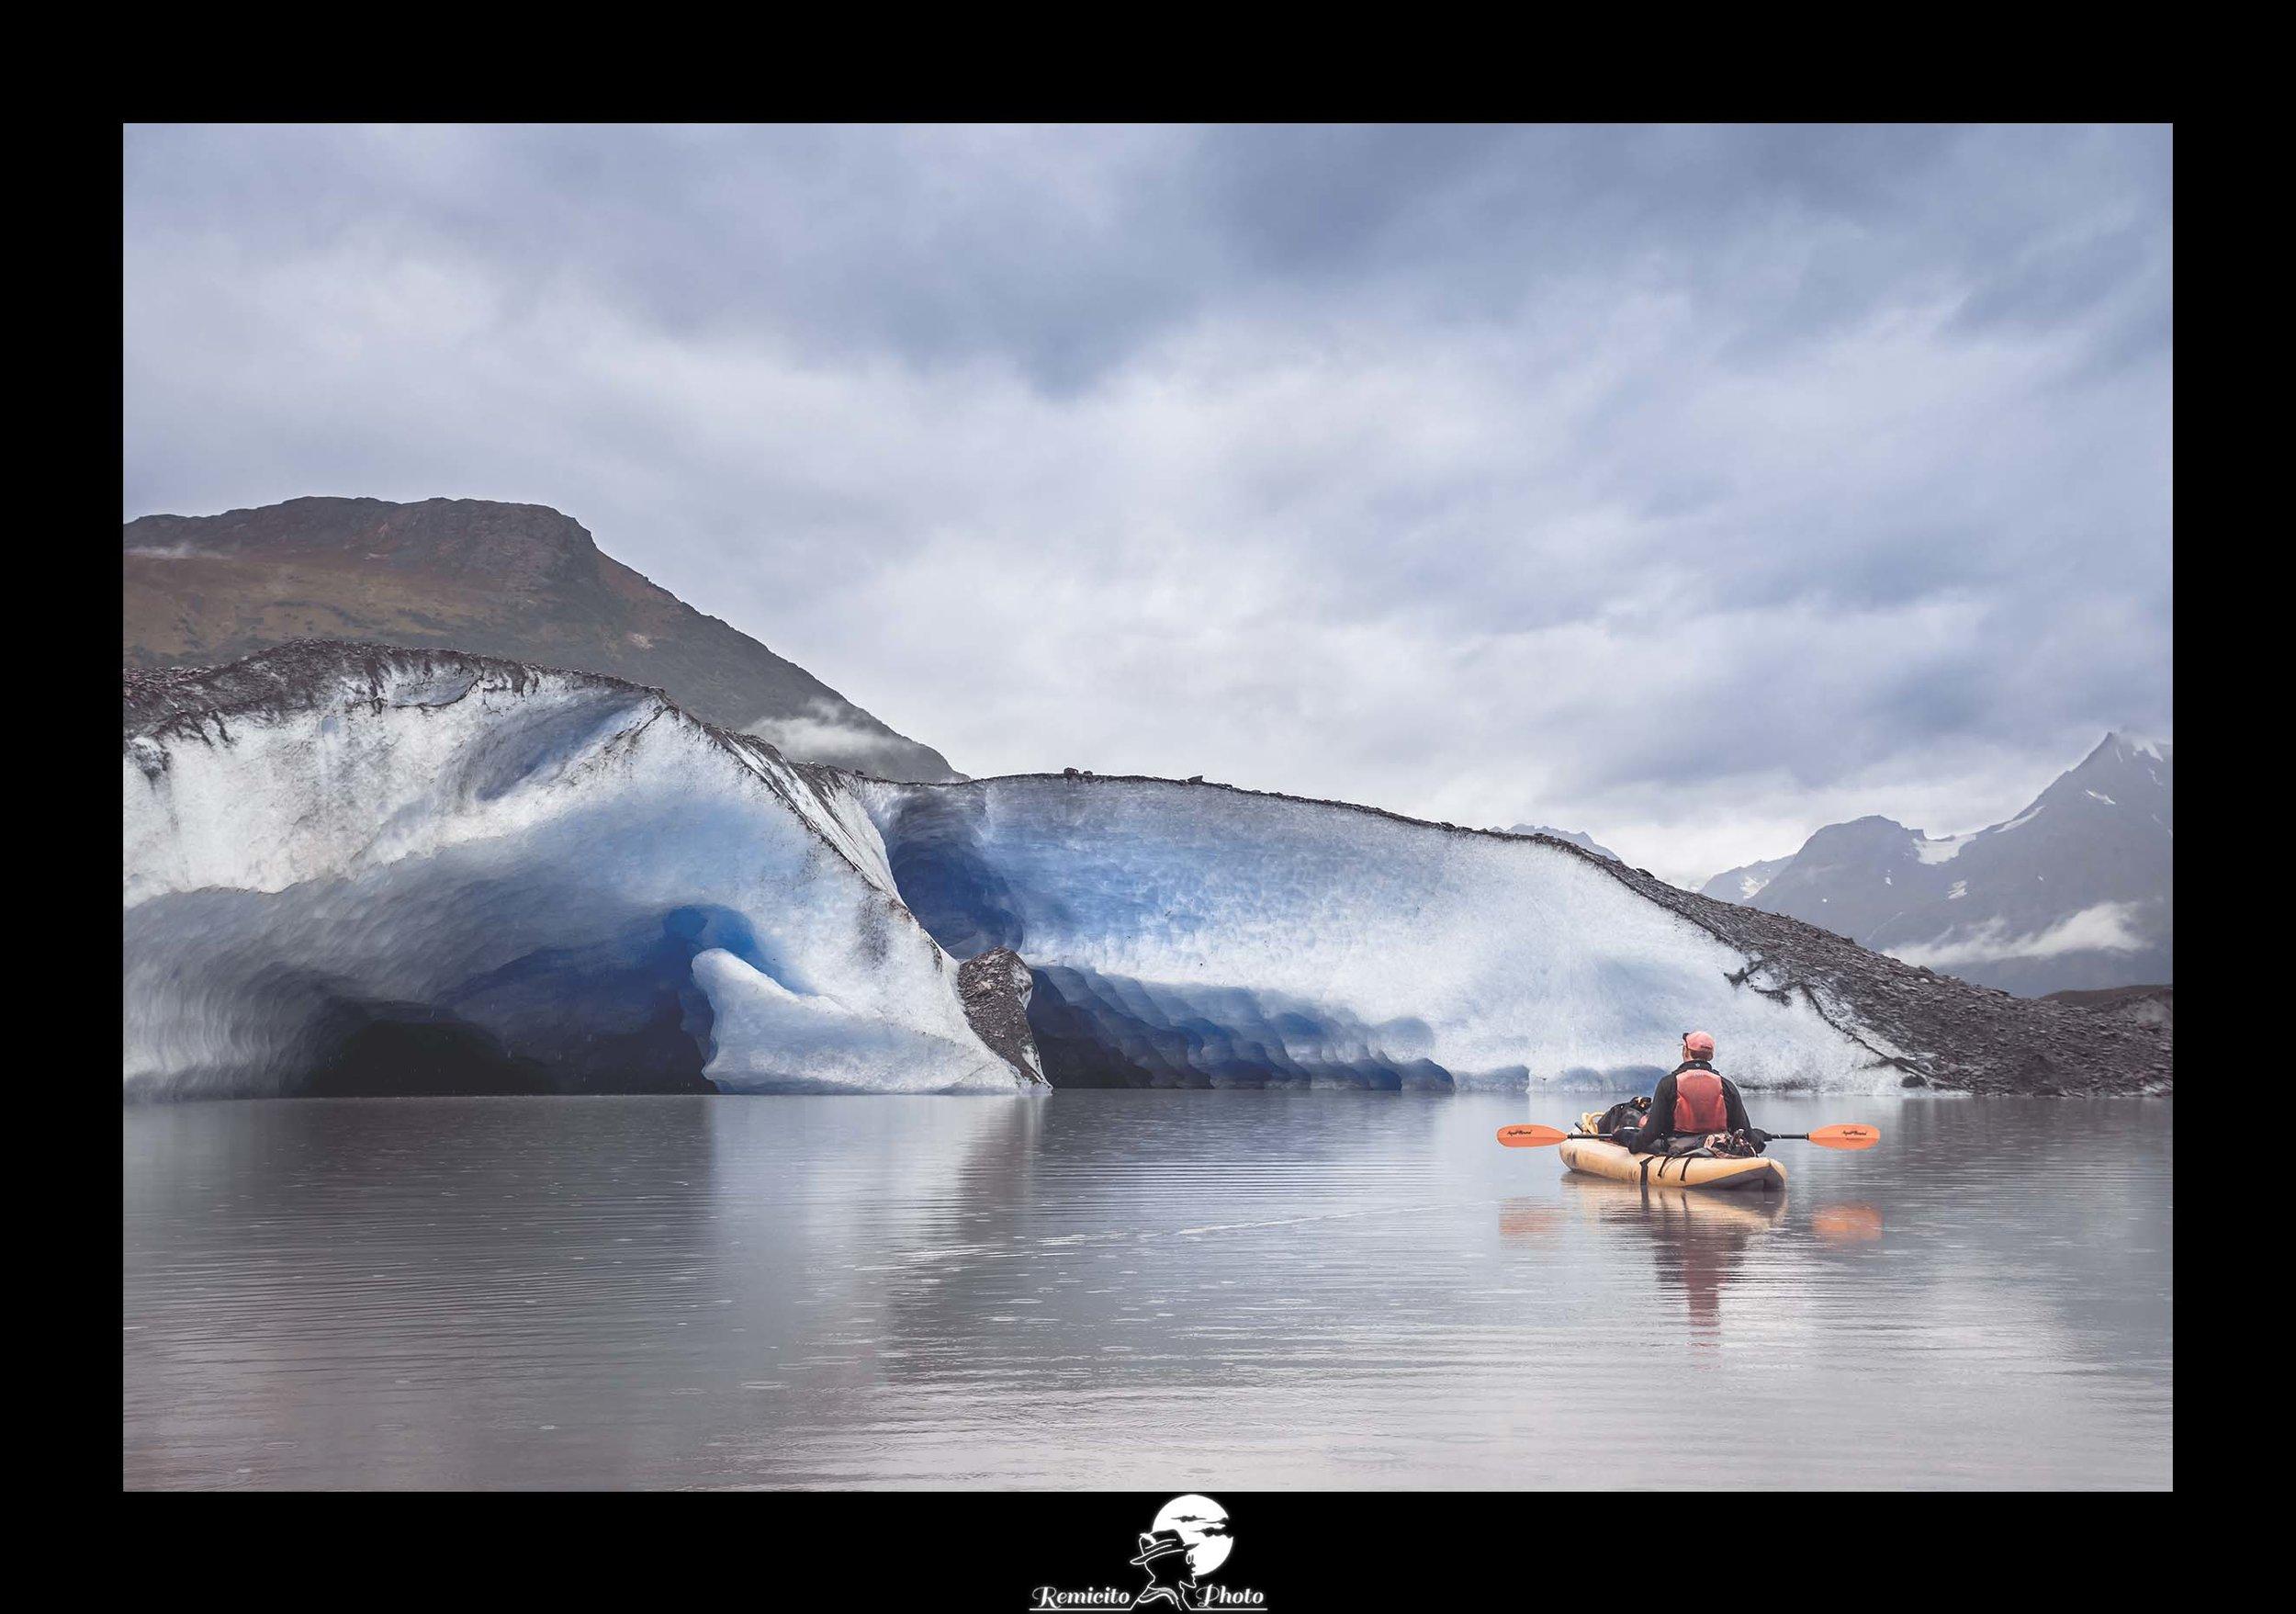 Remicito photo, remicito rémi lacombe photographe de voyage, belle photo alaska glacier valdez, idée cadeau belle photo alaska glace kayak